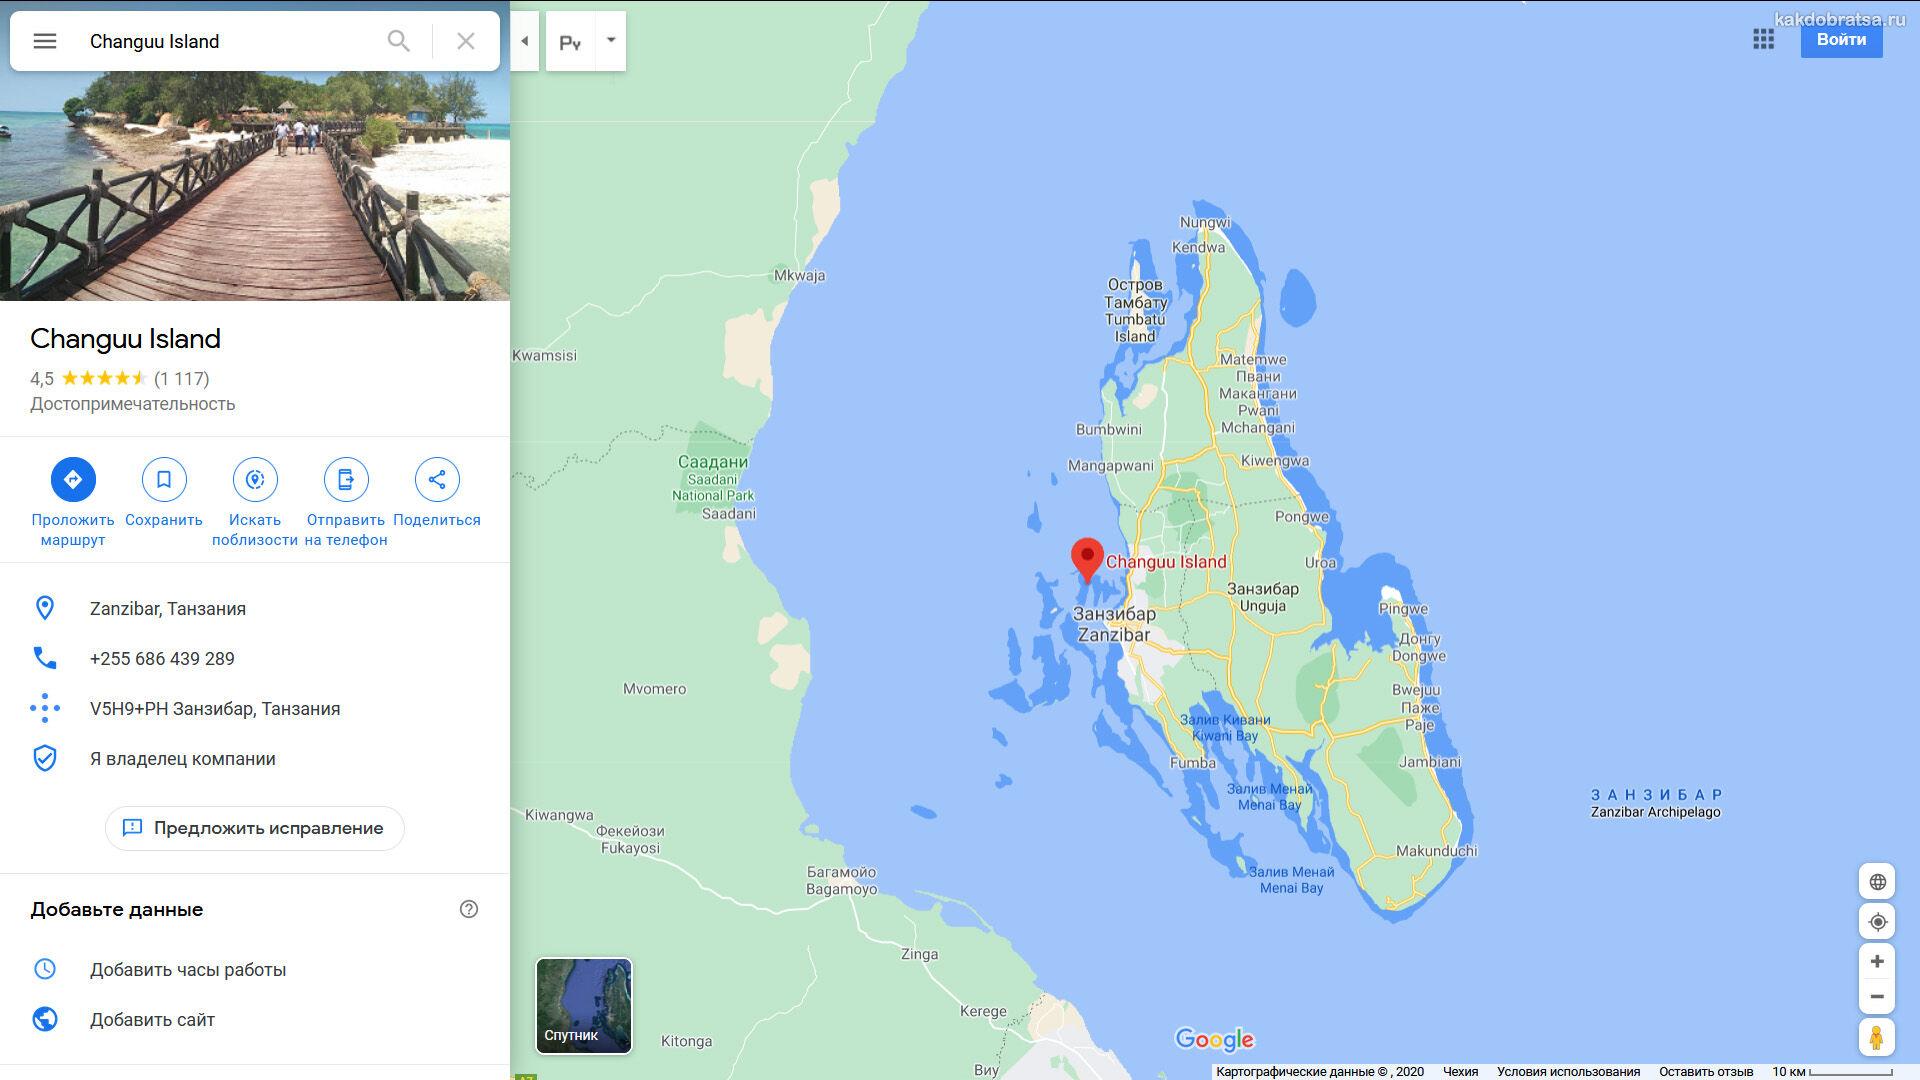 Где находится остров Чанг у Занзибара